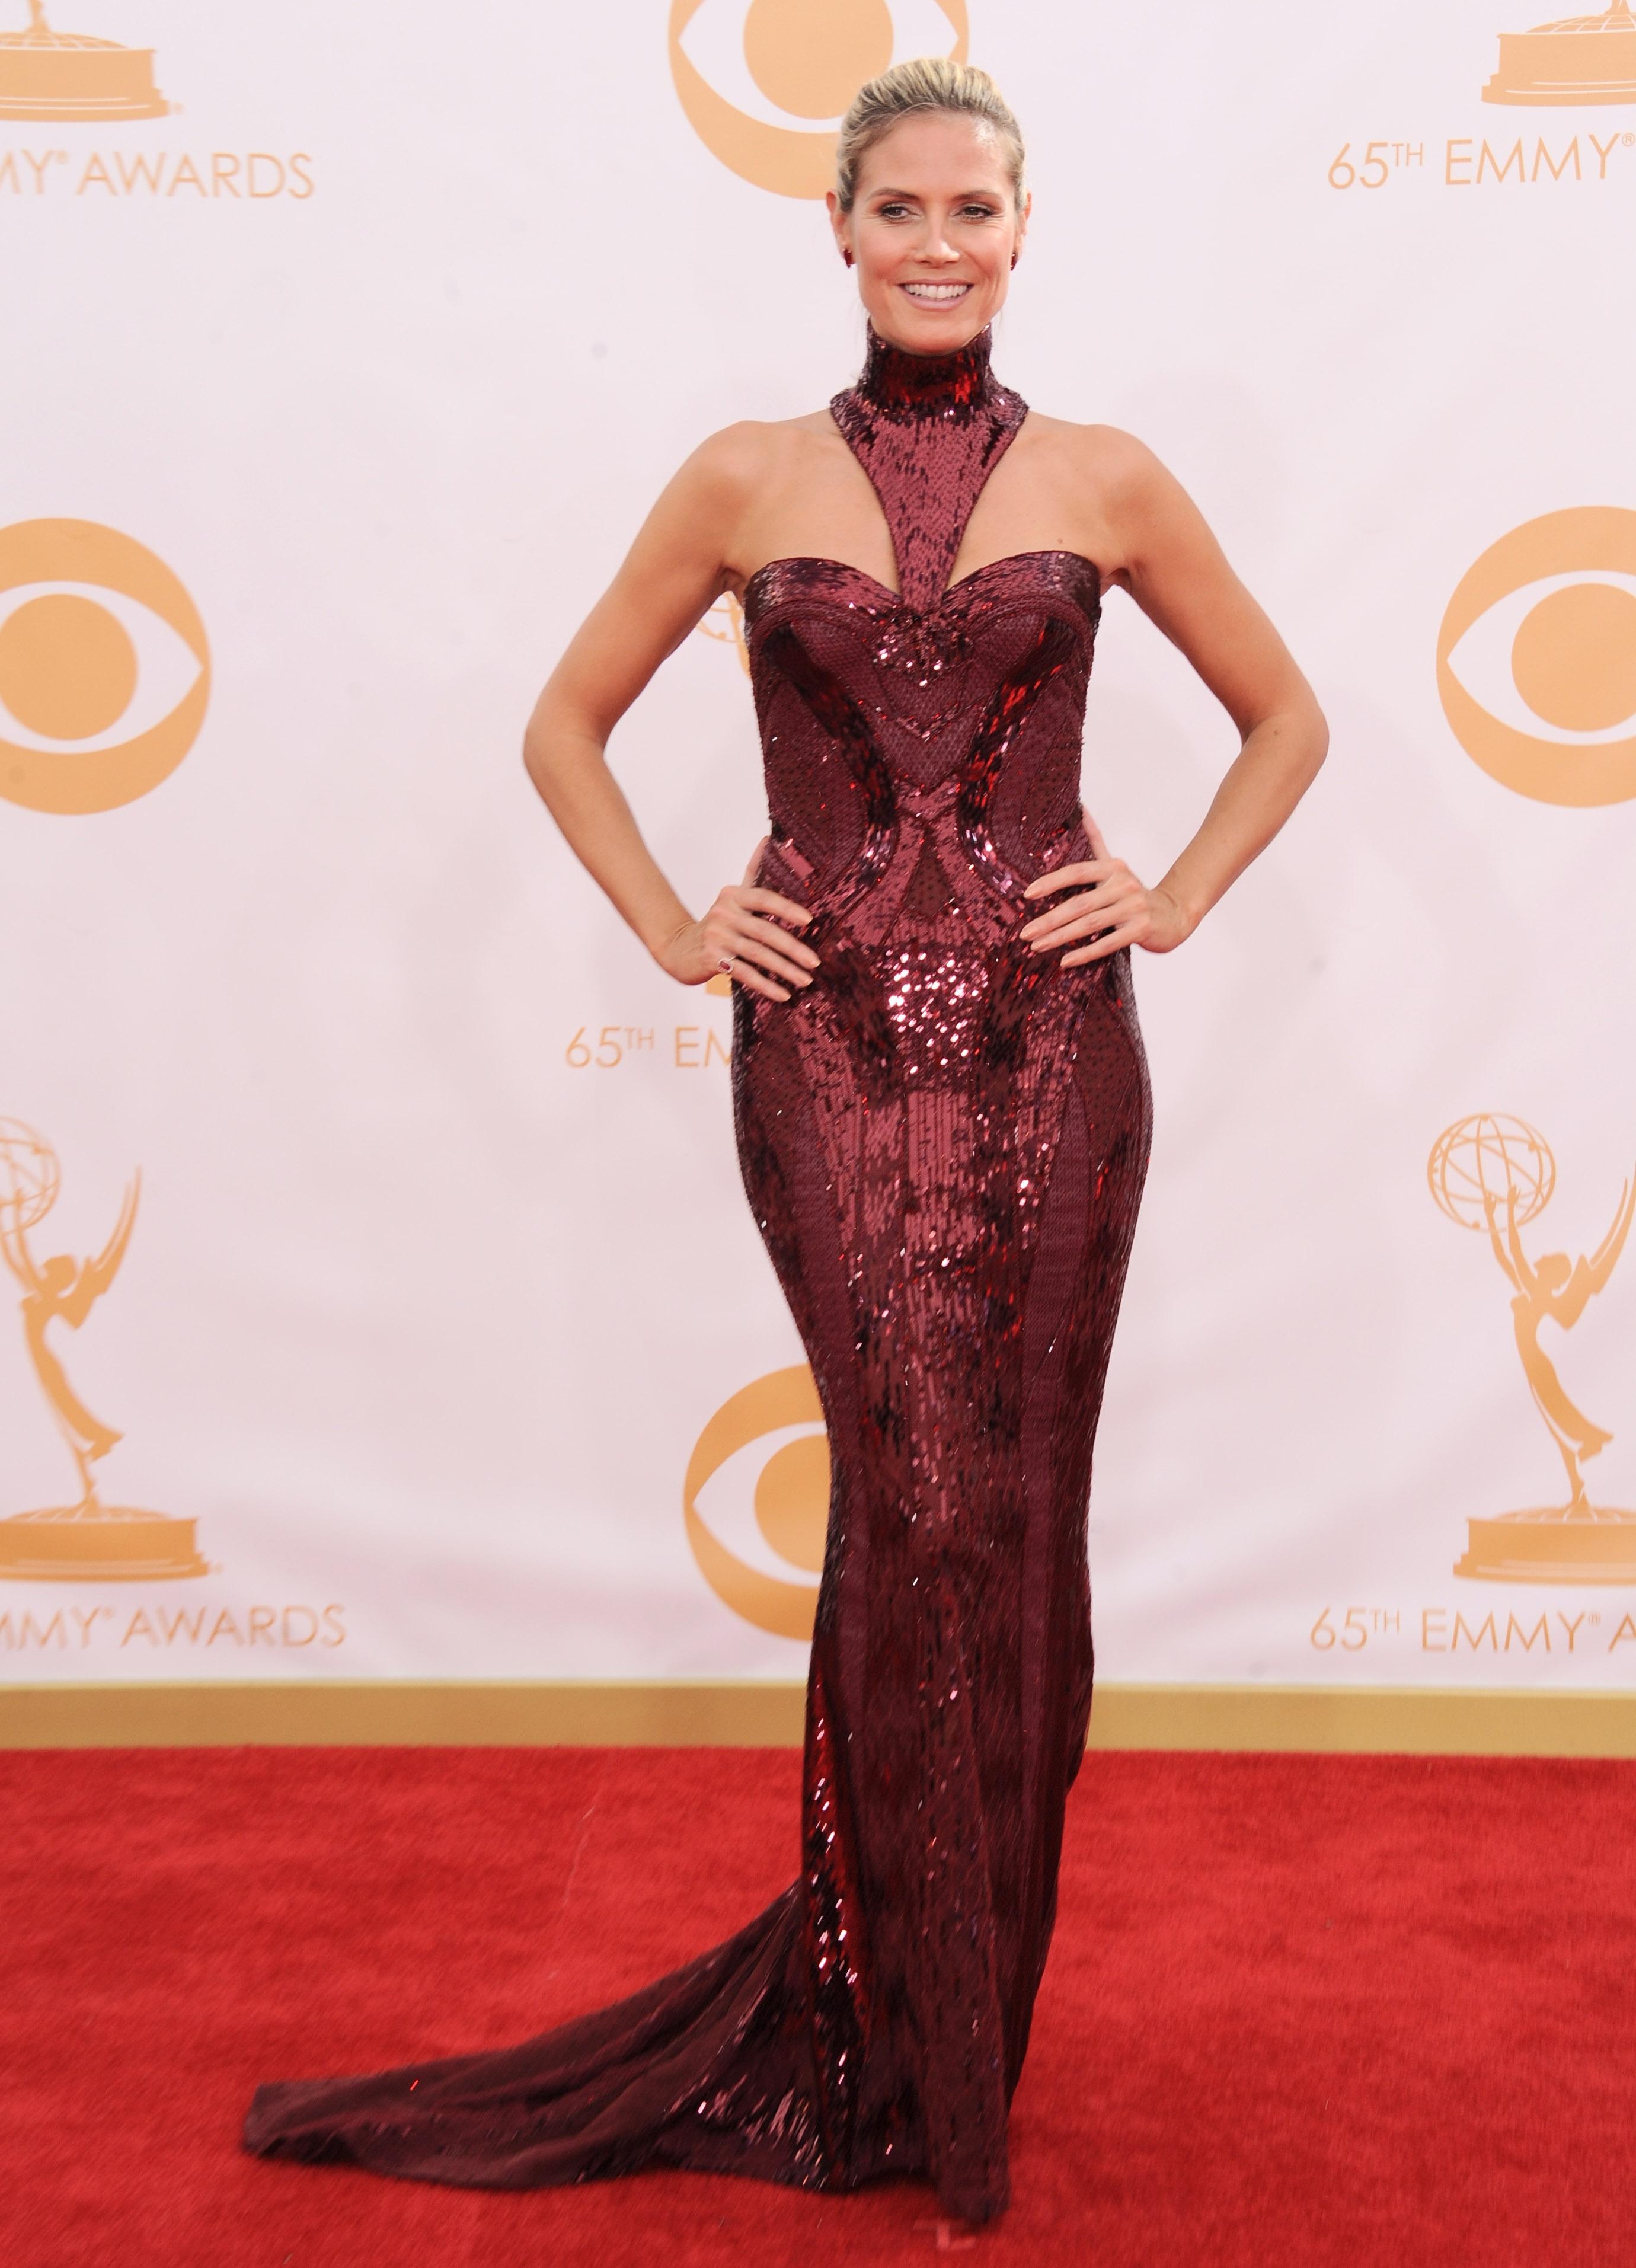 Модель Хайди Клум в струящемся платье от Atelier Versace